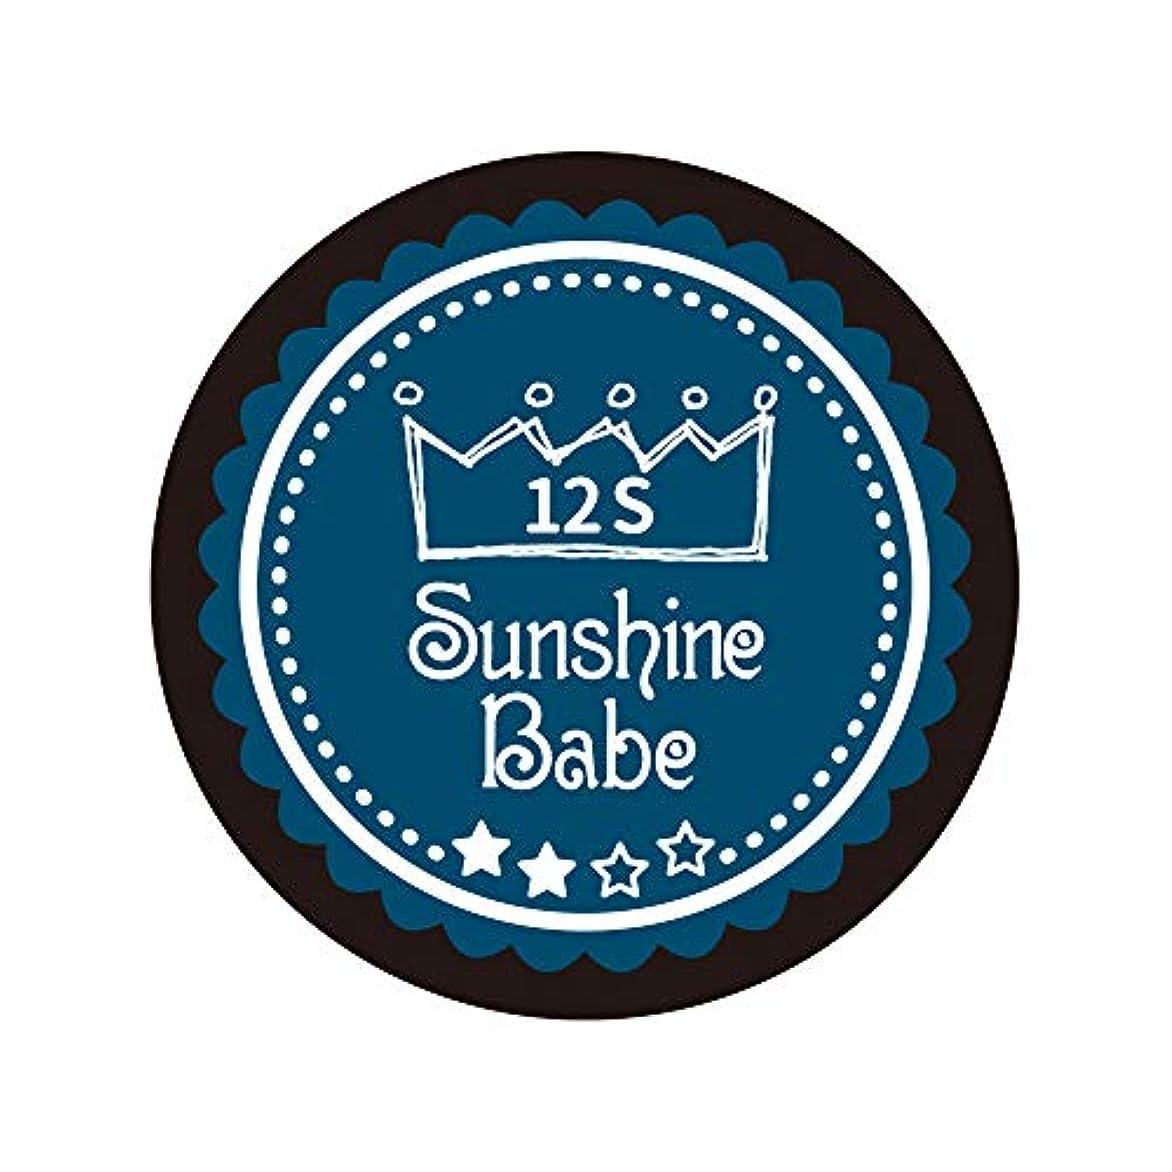 技術者一見請求可能Sunshine Babe カラージェル 12S セイラーブルー 2.7g UV/LED対応